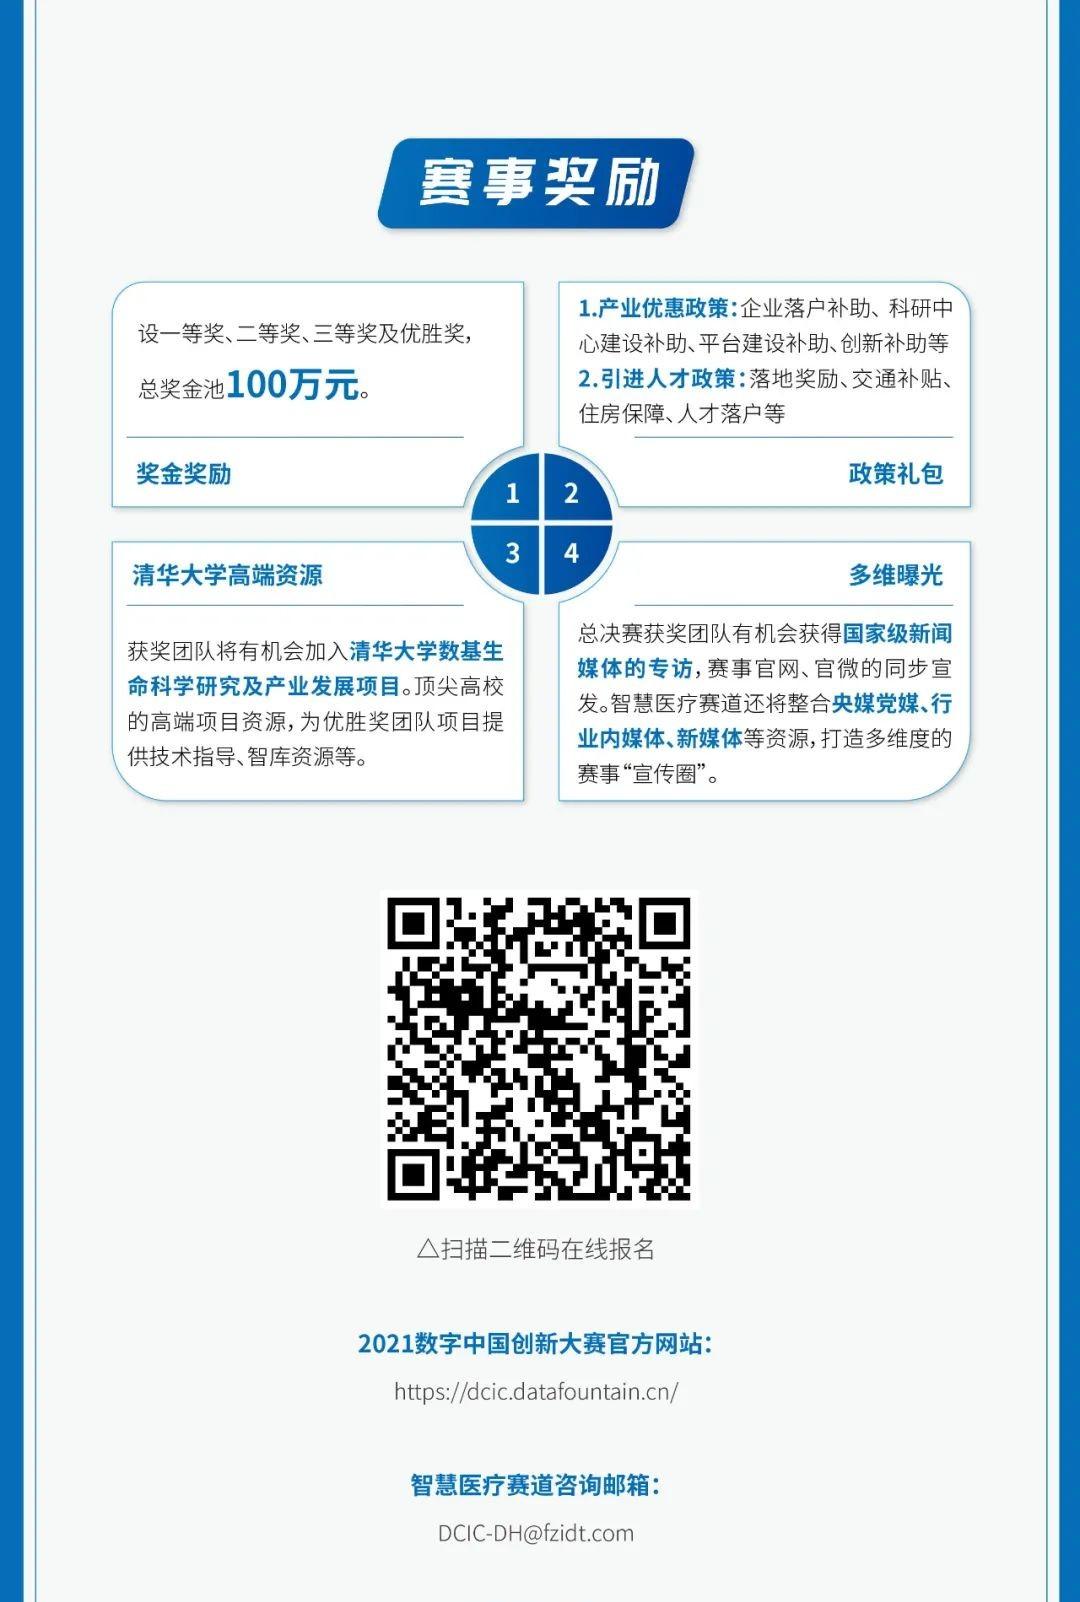 微信图片_20210330101627.jpg